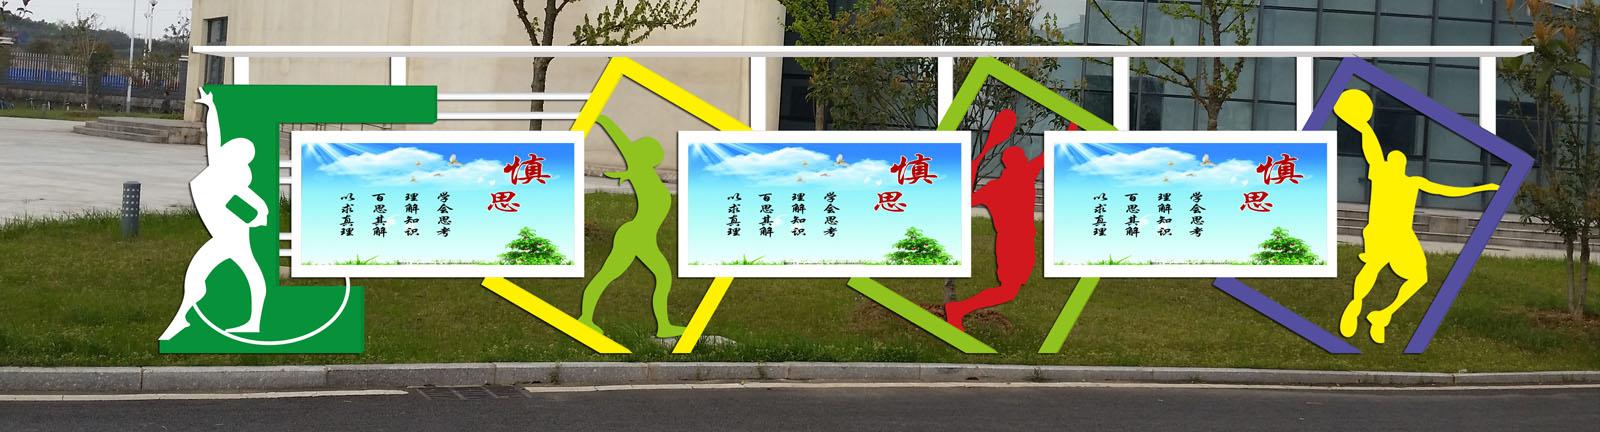 扬州公交候车亭